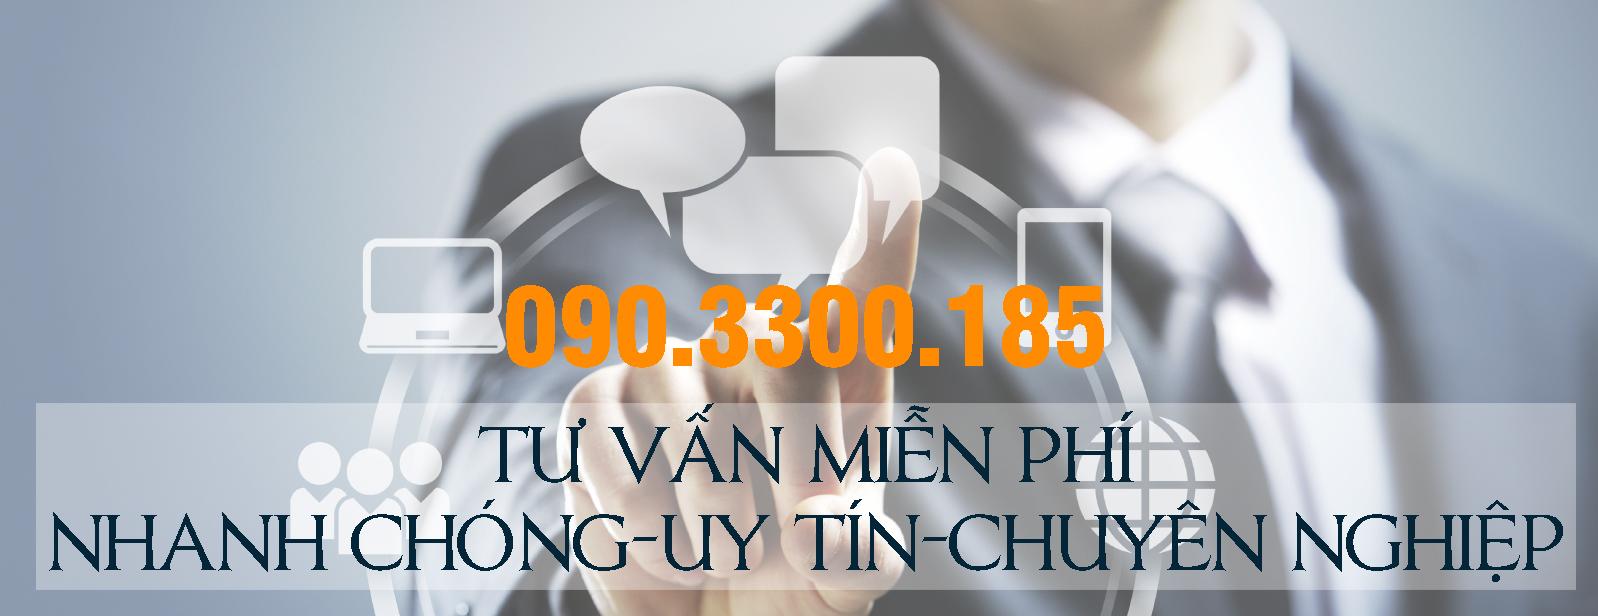 Dịch vụ thám tử chuyên nghiệp, uy tín tại TP.HCM